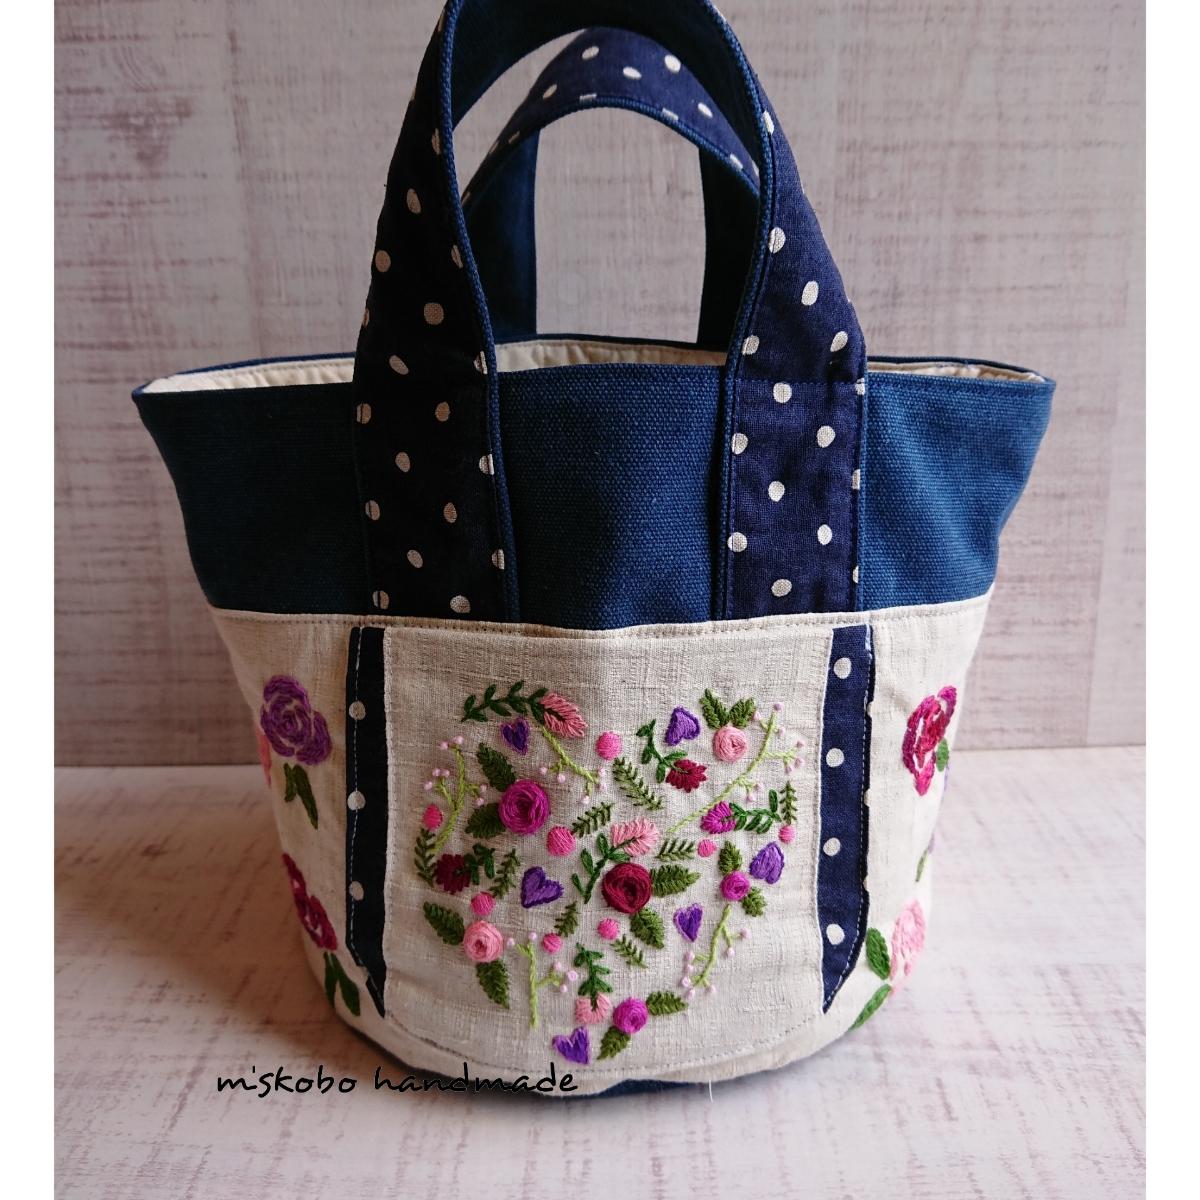 ハンドメイド 丸底のトートバッグ 手ししゅう 刺繍 薔薇 バラ 綿麻 ビンテージ帆布デニムカラー ドット